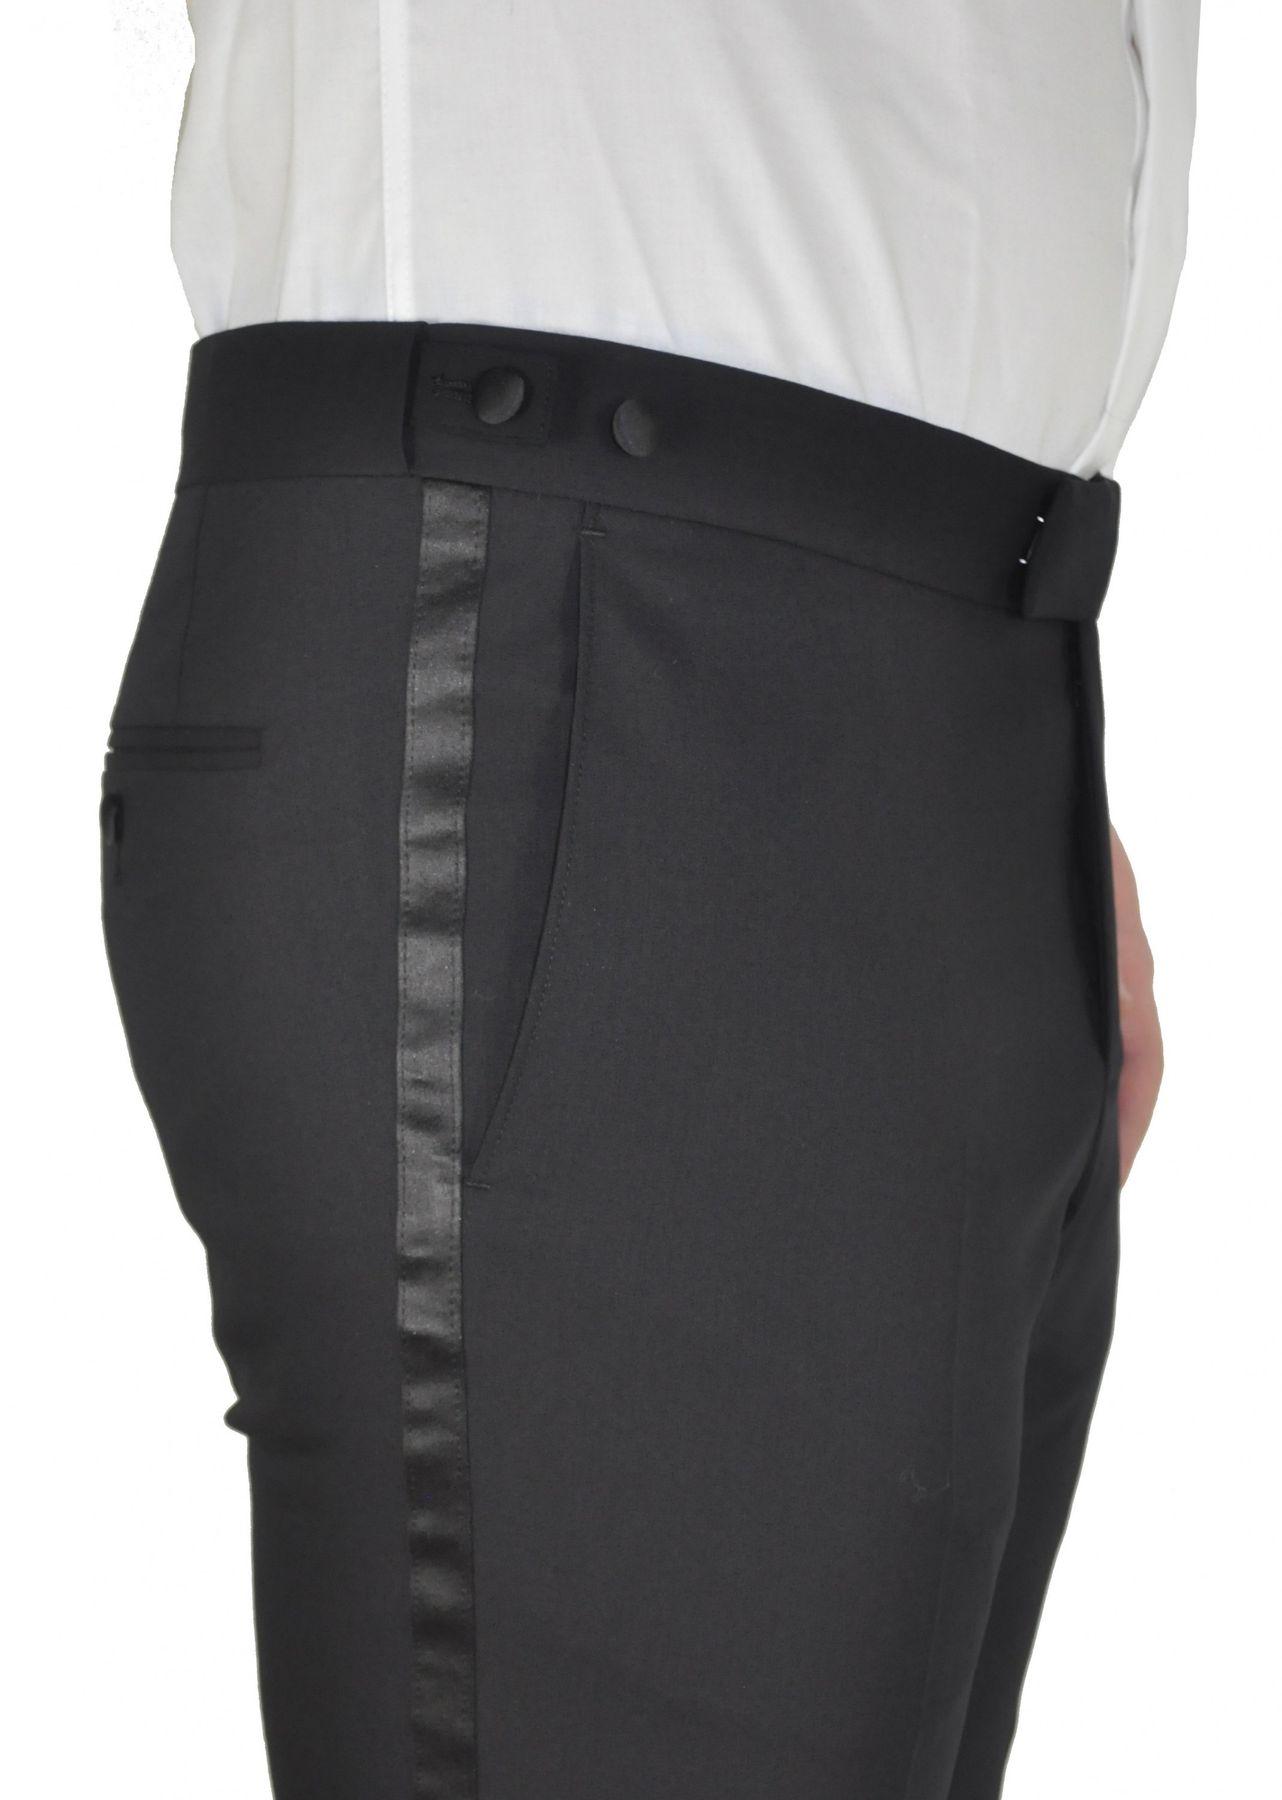 Masterhand - Tailored Fit - Festliche Herren Smoking Hose aus reiner Schurwolle in Schwarz, 900 8001 (Tam) – Bild 2